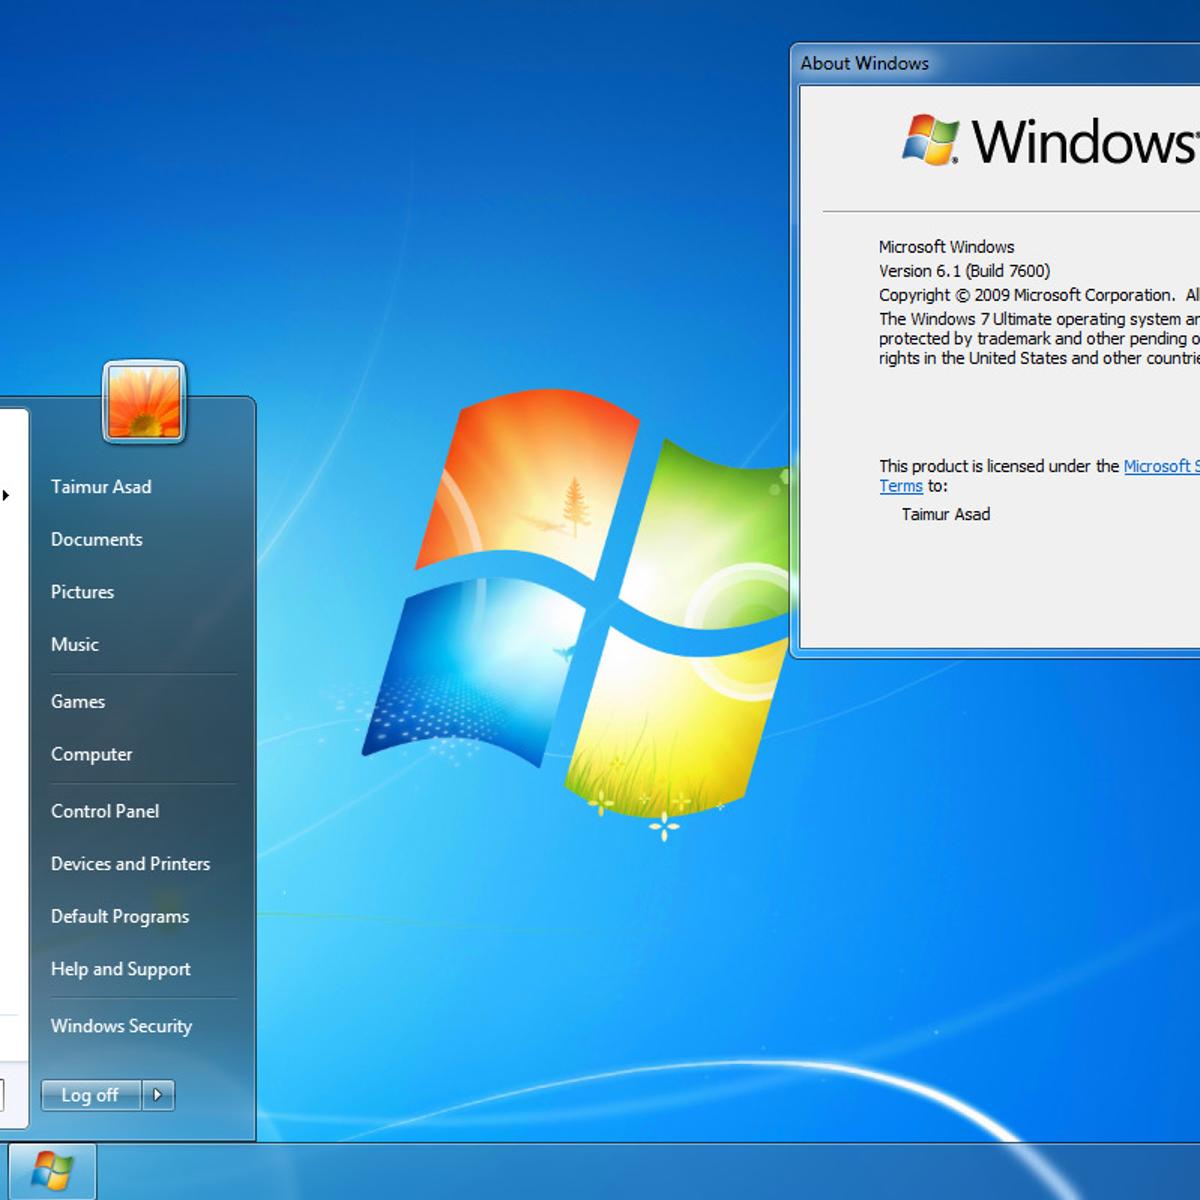 Windows 7 Alternatives and Similar Software - AlternativeTo net